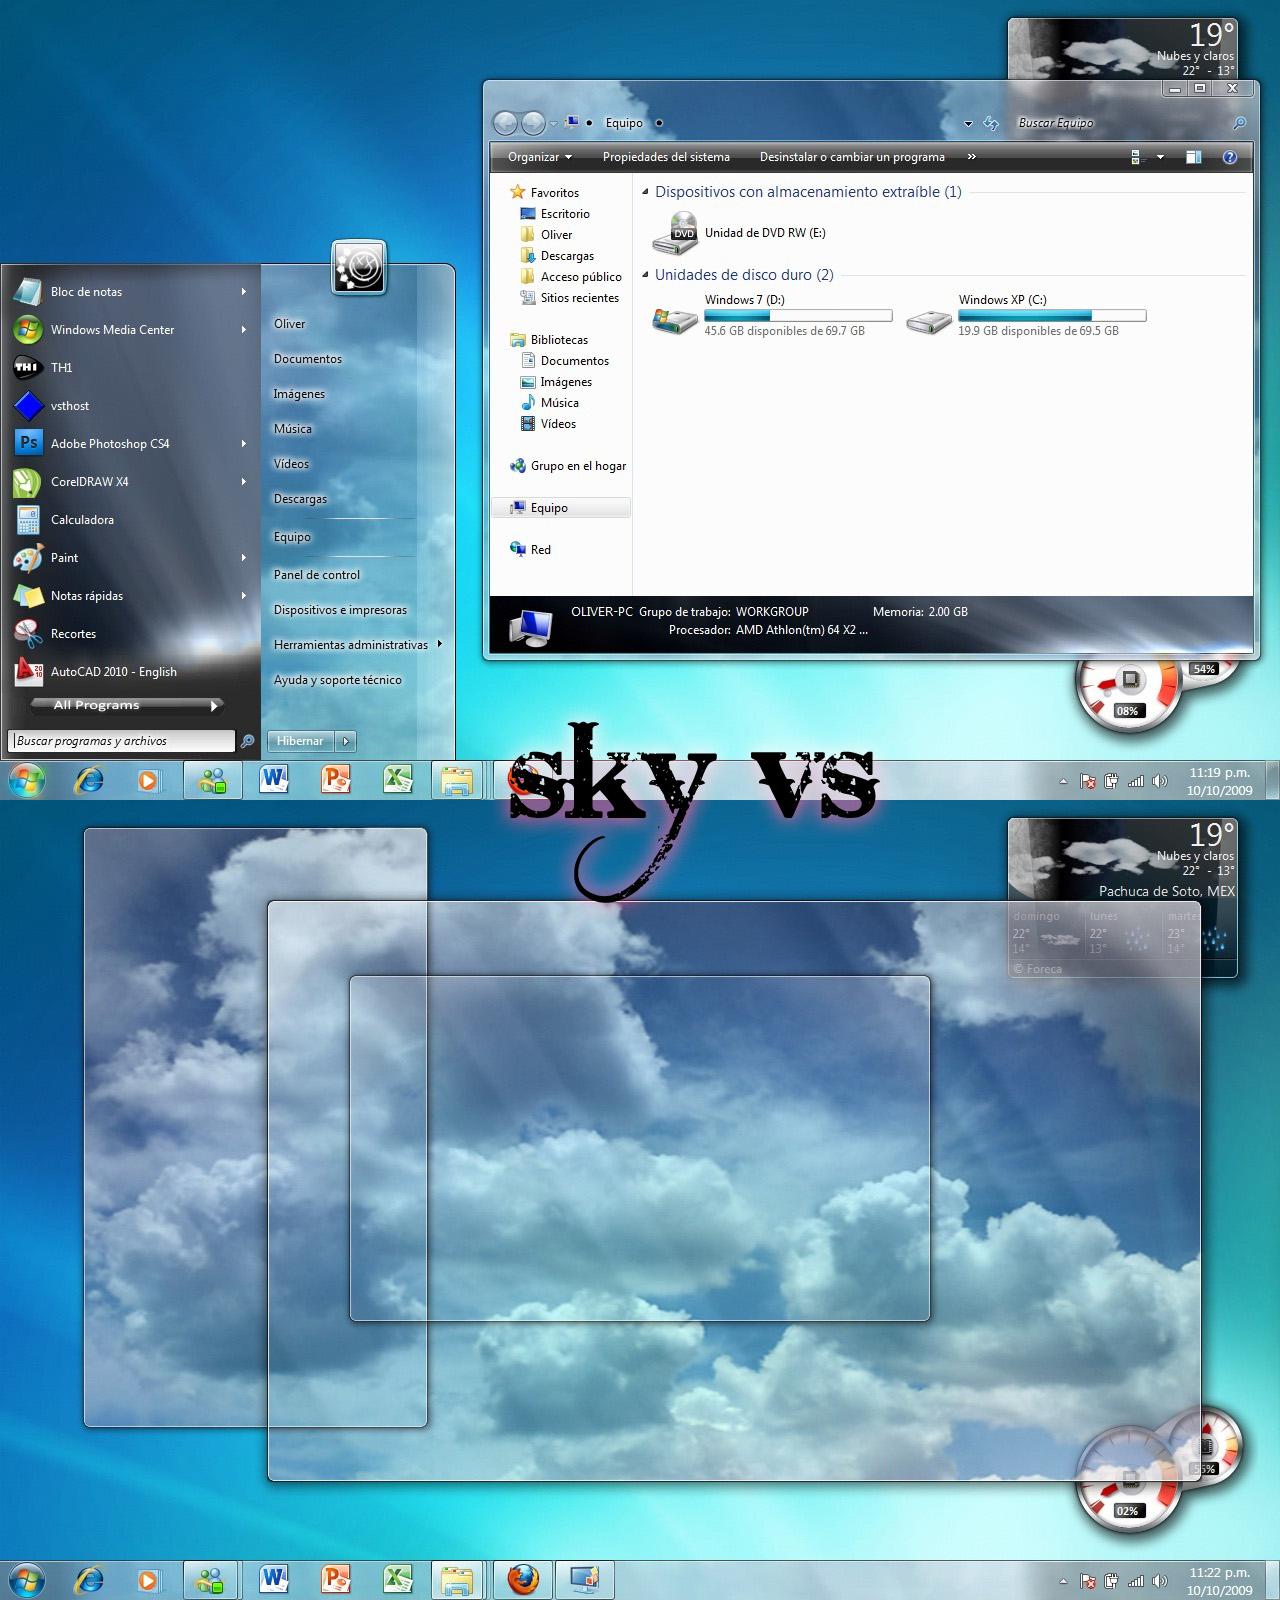 Sky vs for Windows 7